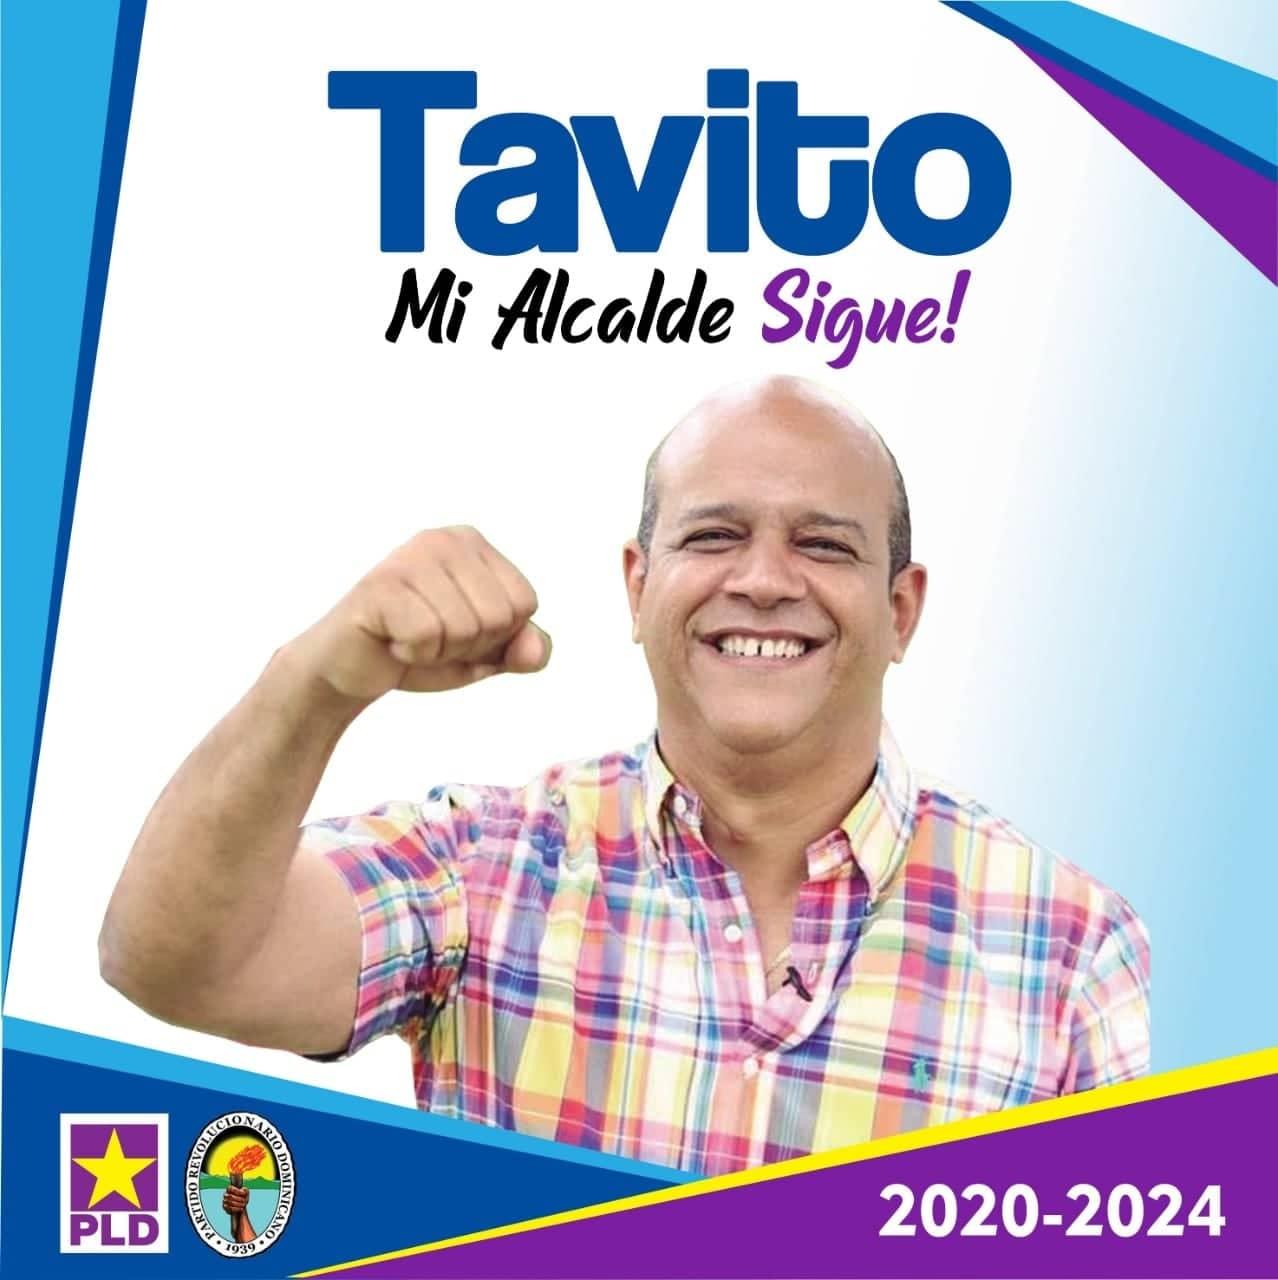 TAVITO SUBERVI ALCALDE SANTA CRUZ BARAHONA